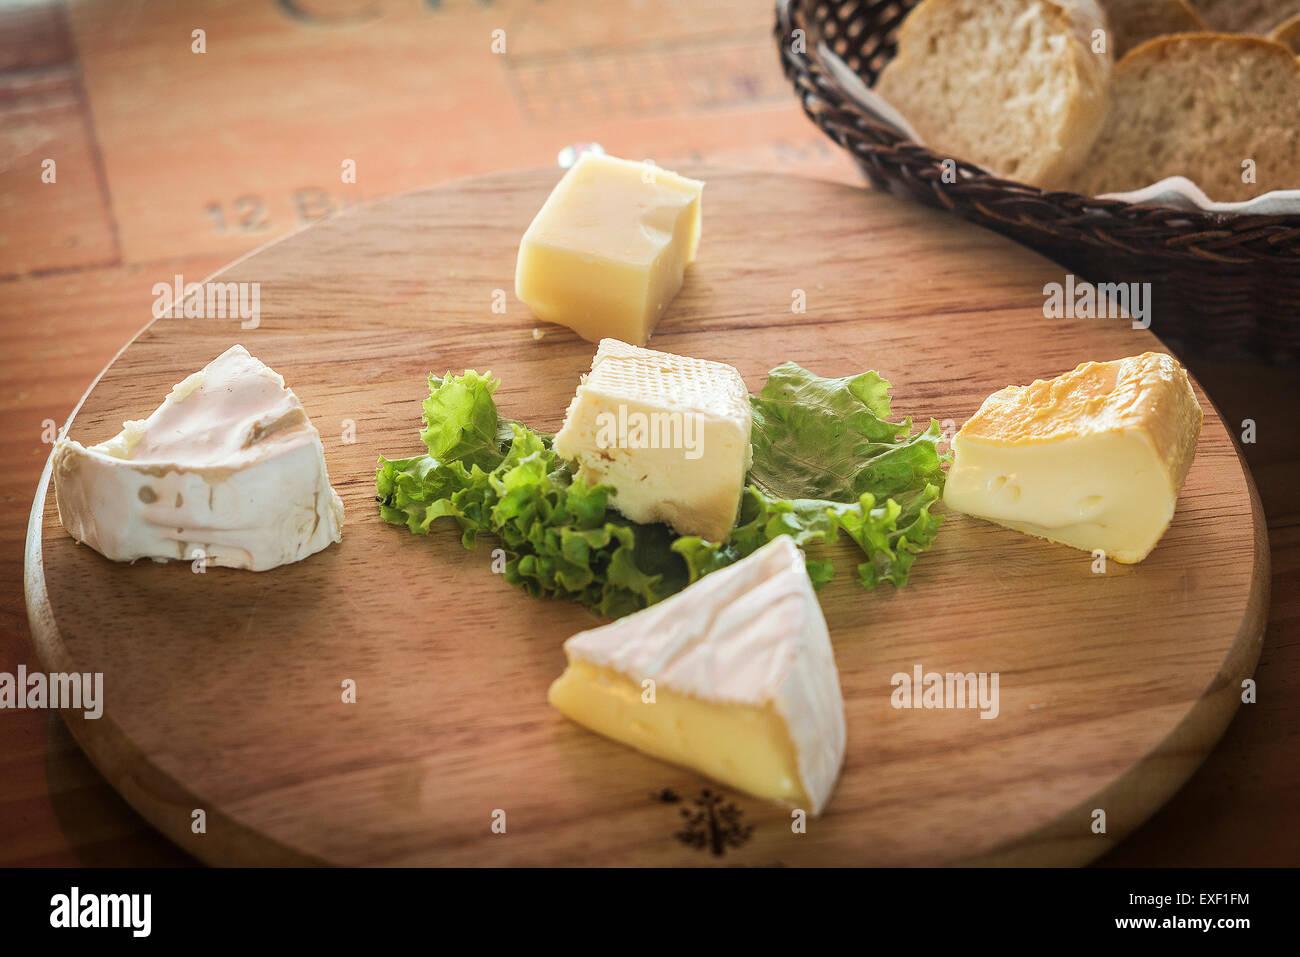 Mista francese tradizionale piatto di formaggio con pane Immagini Stock